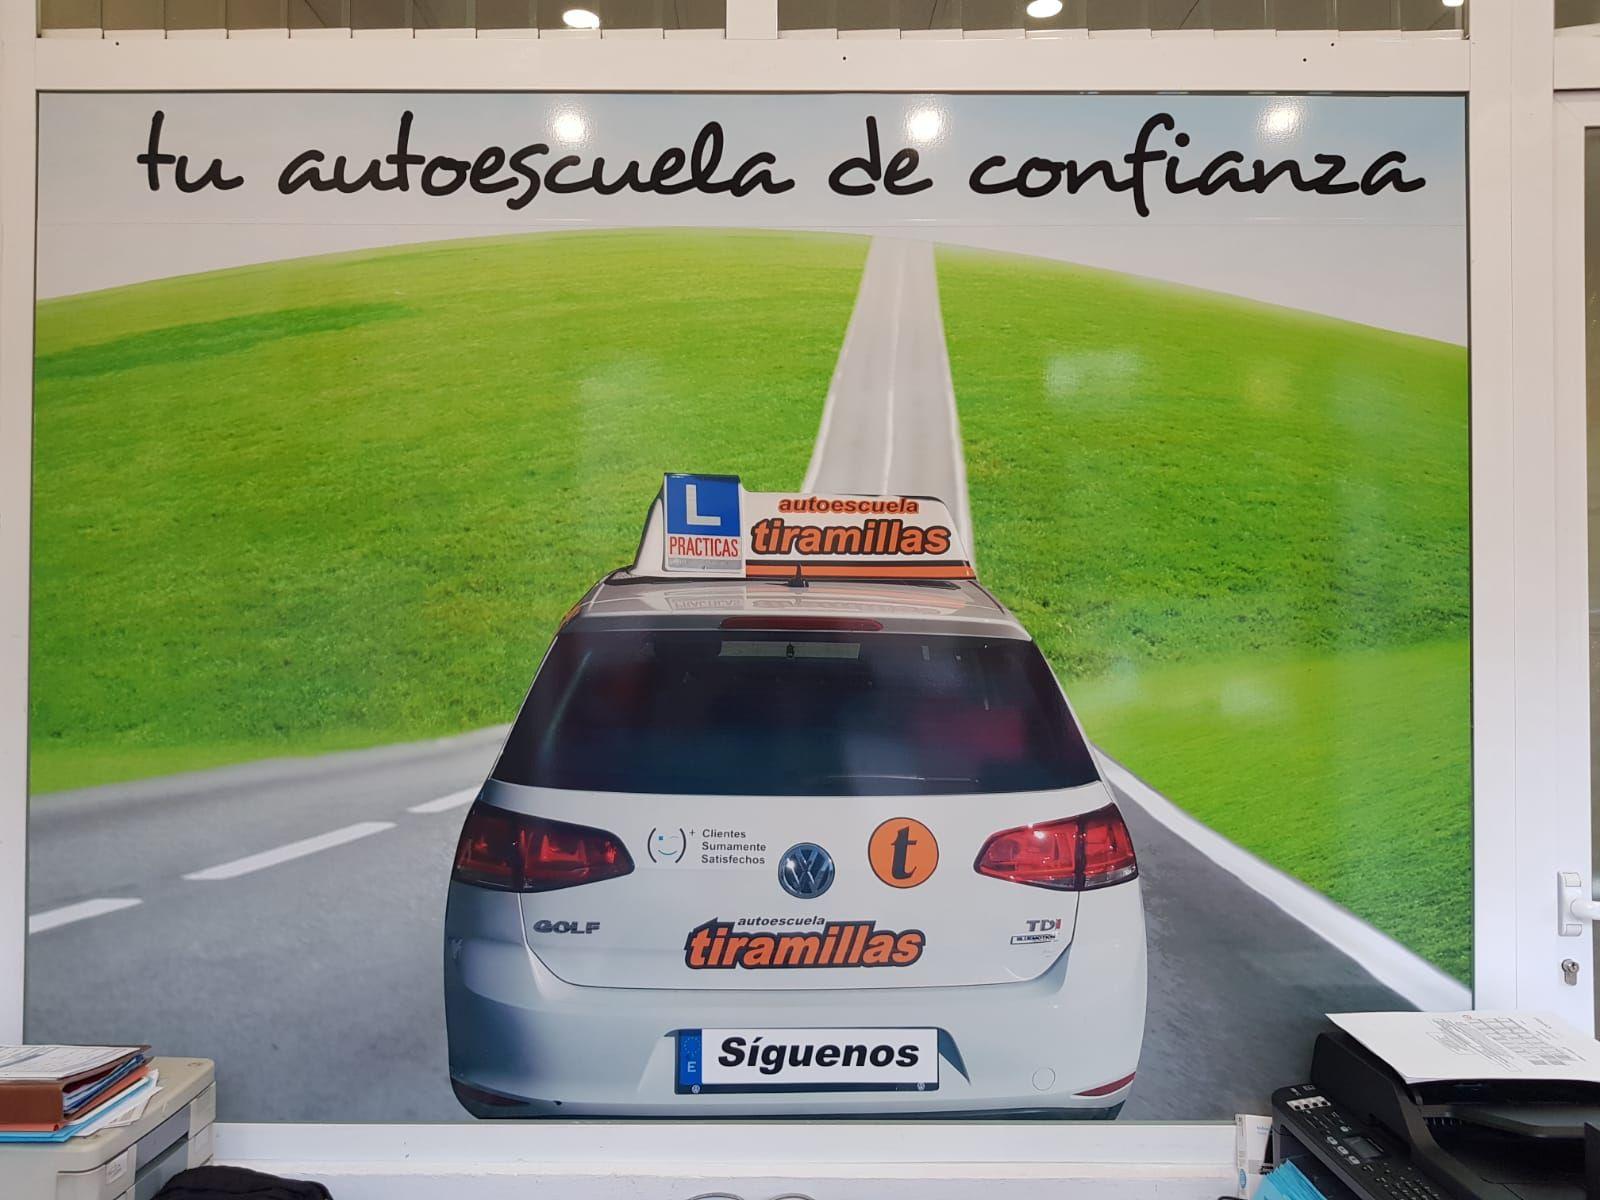 Test de conducir en Alcalá de Henares